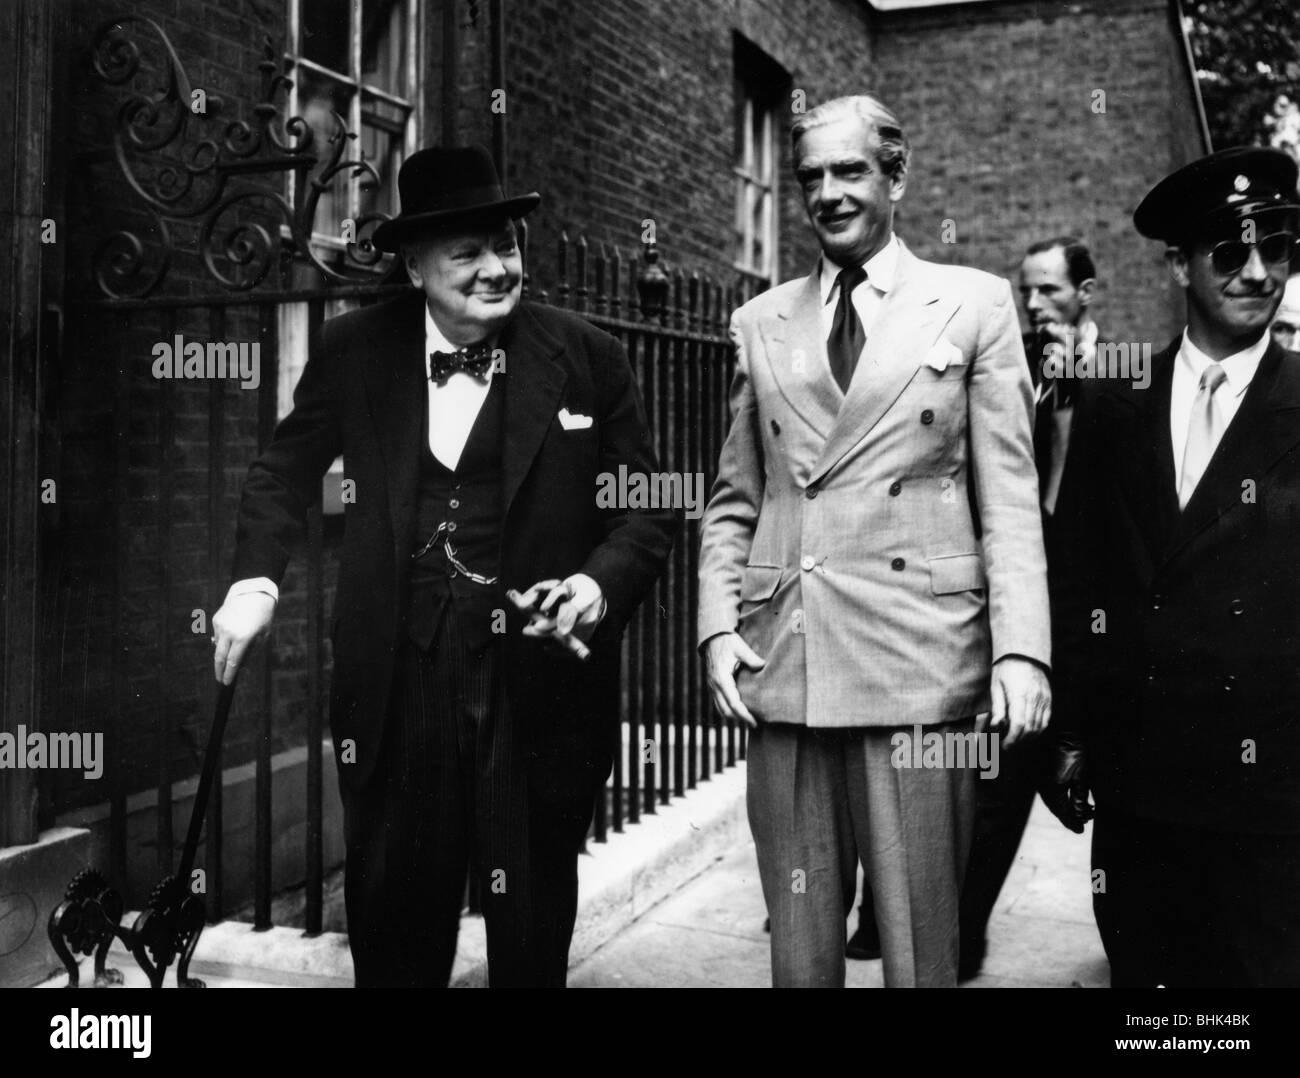 Sir Winston Churchill (1874-1965) und Anthony Eden (1897-1977), c 1955. Artist: Unbekannt Stockfoto